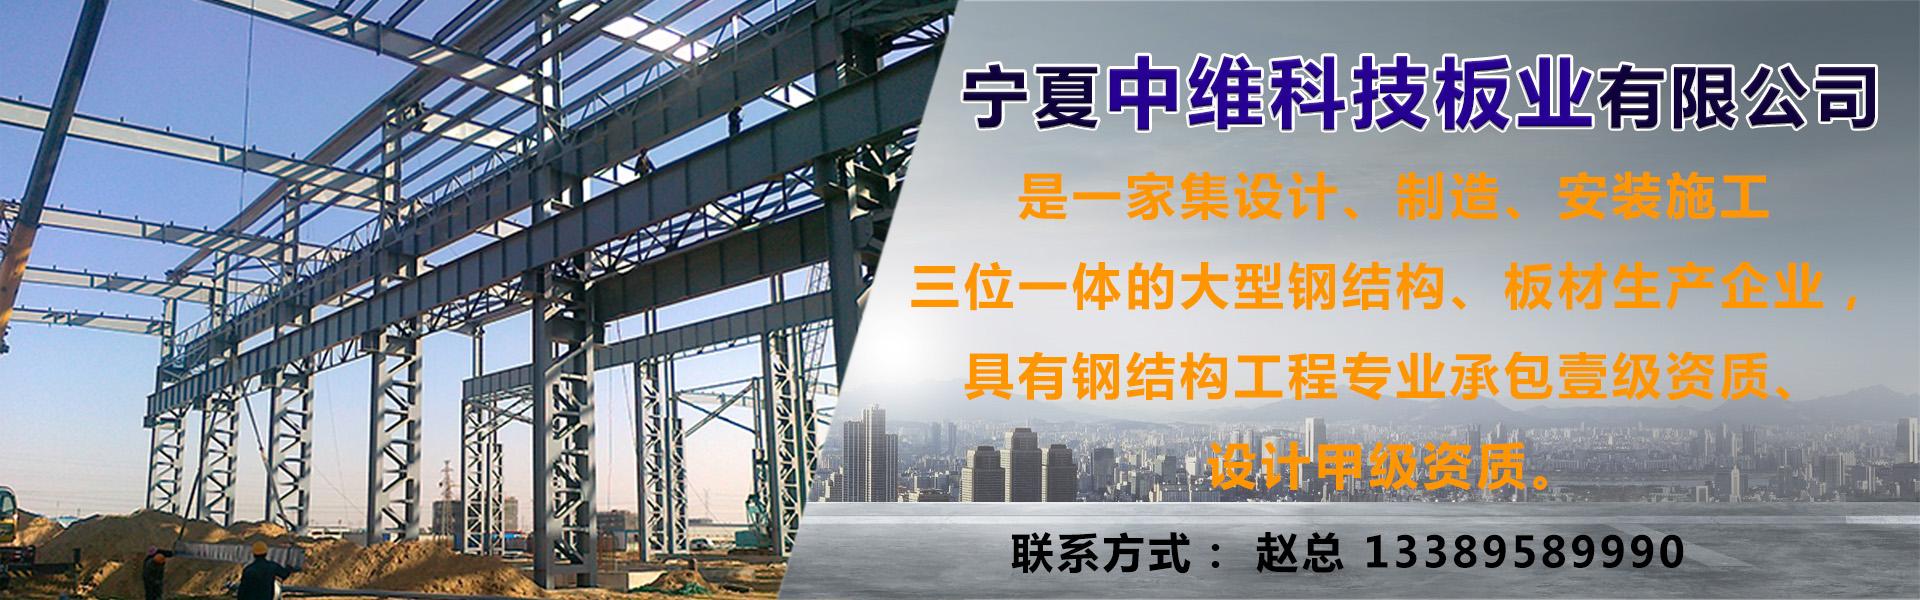 宁夏中维科技板业有限公司